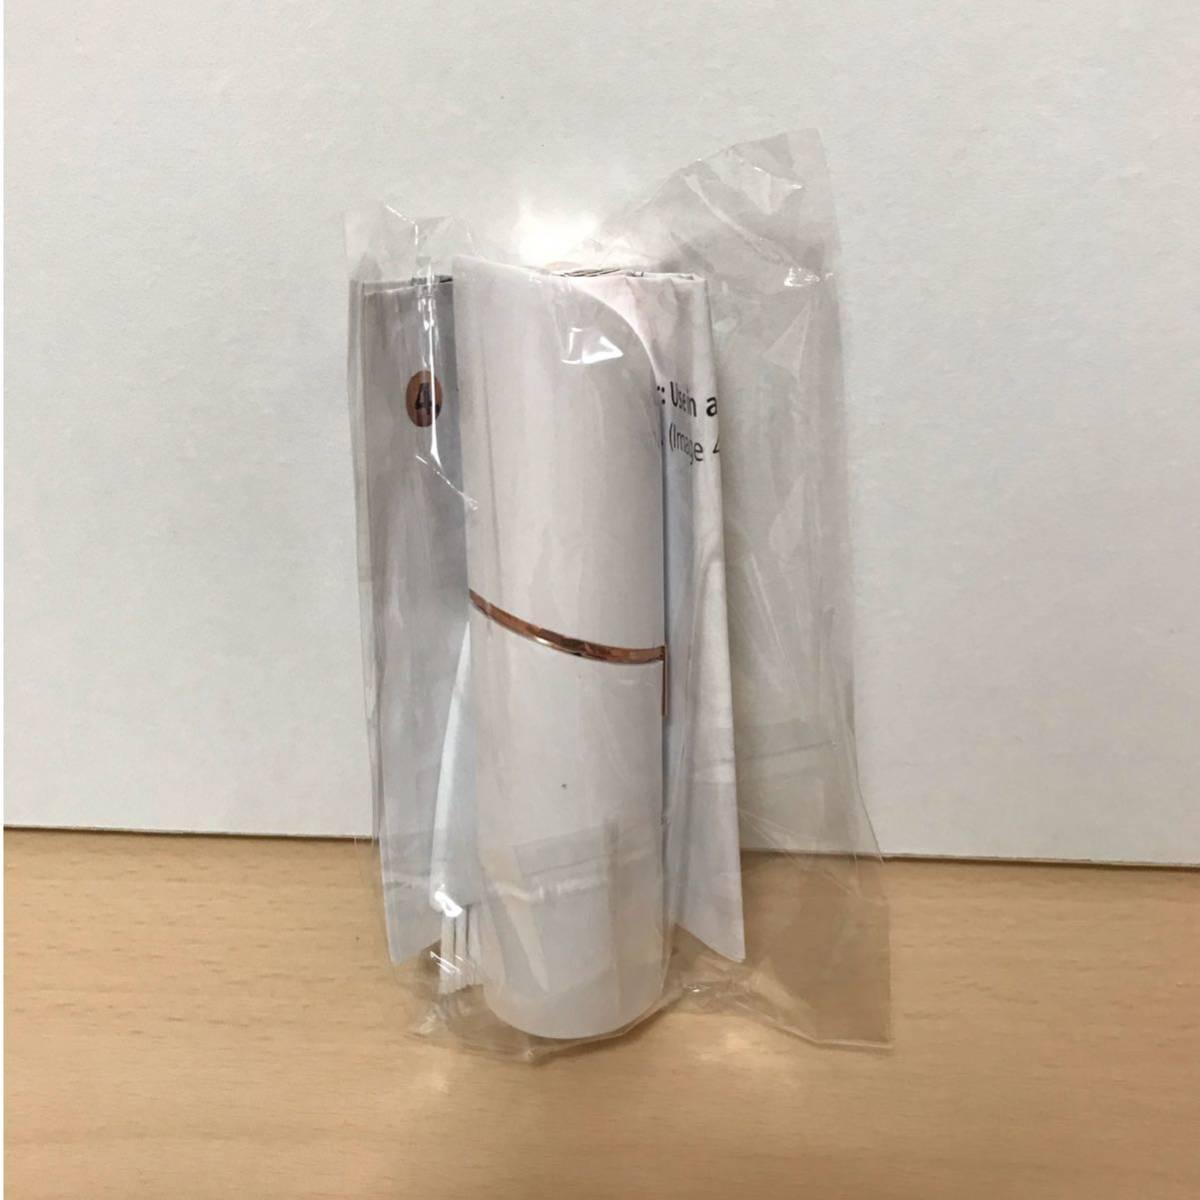 【水曜日終了】電動フェイスシェーバー カラー・ホワイトレディースシェーバー 電気シェーバー